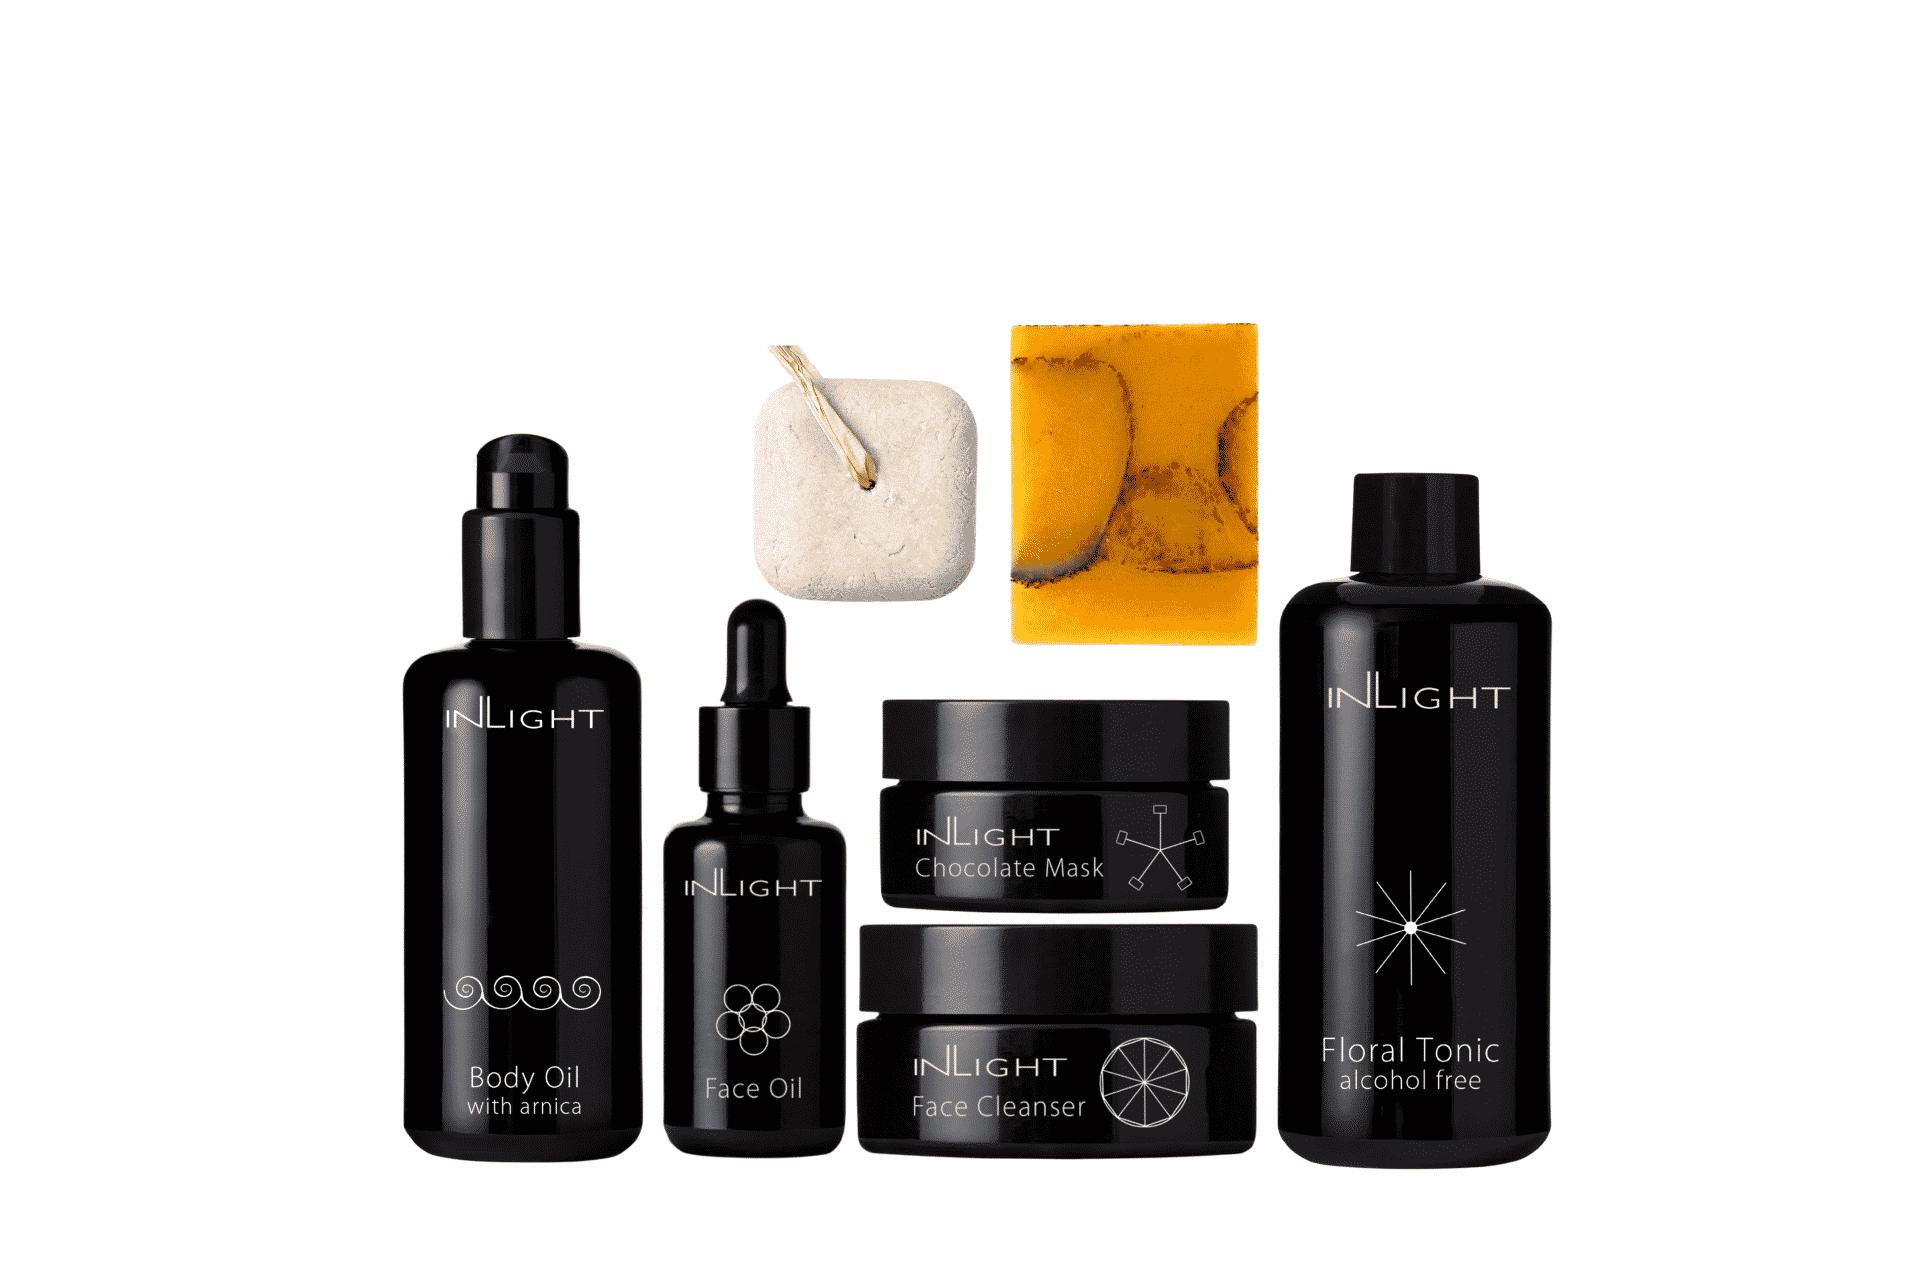 Rituali di bellezza in base al tuo tipo di capello e pelle per ottenere il massimo del tuo fascio. Per BBR personalizzate richiedi una consulenza.